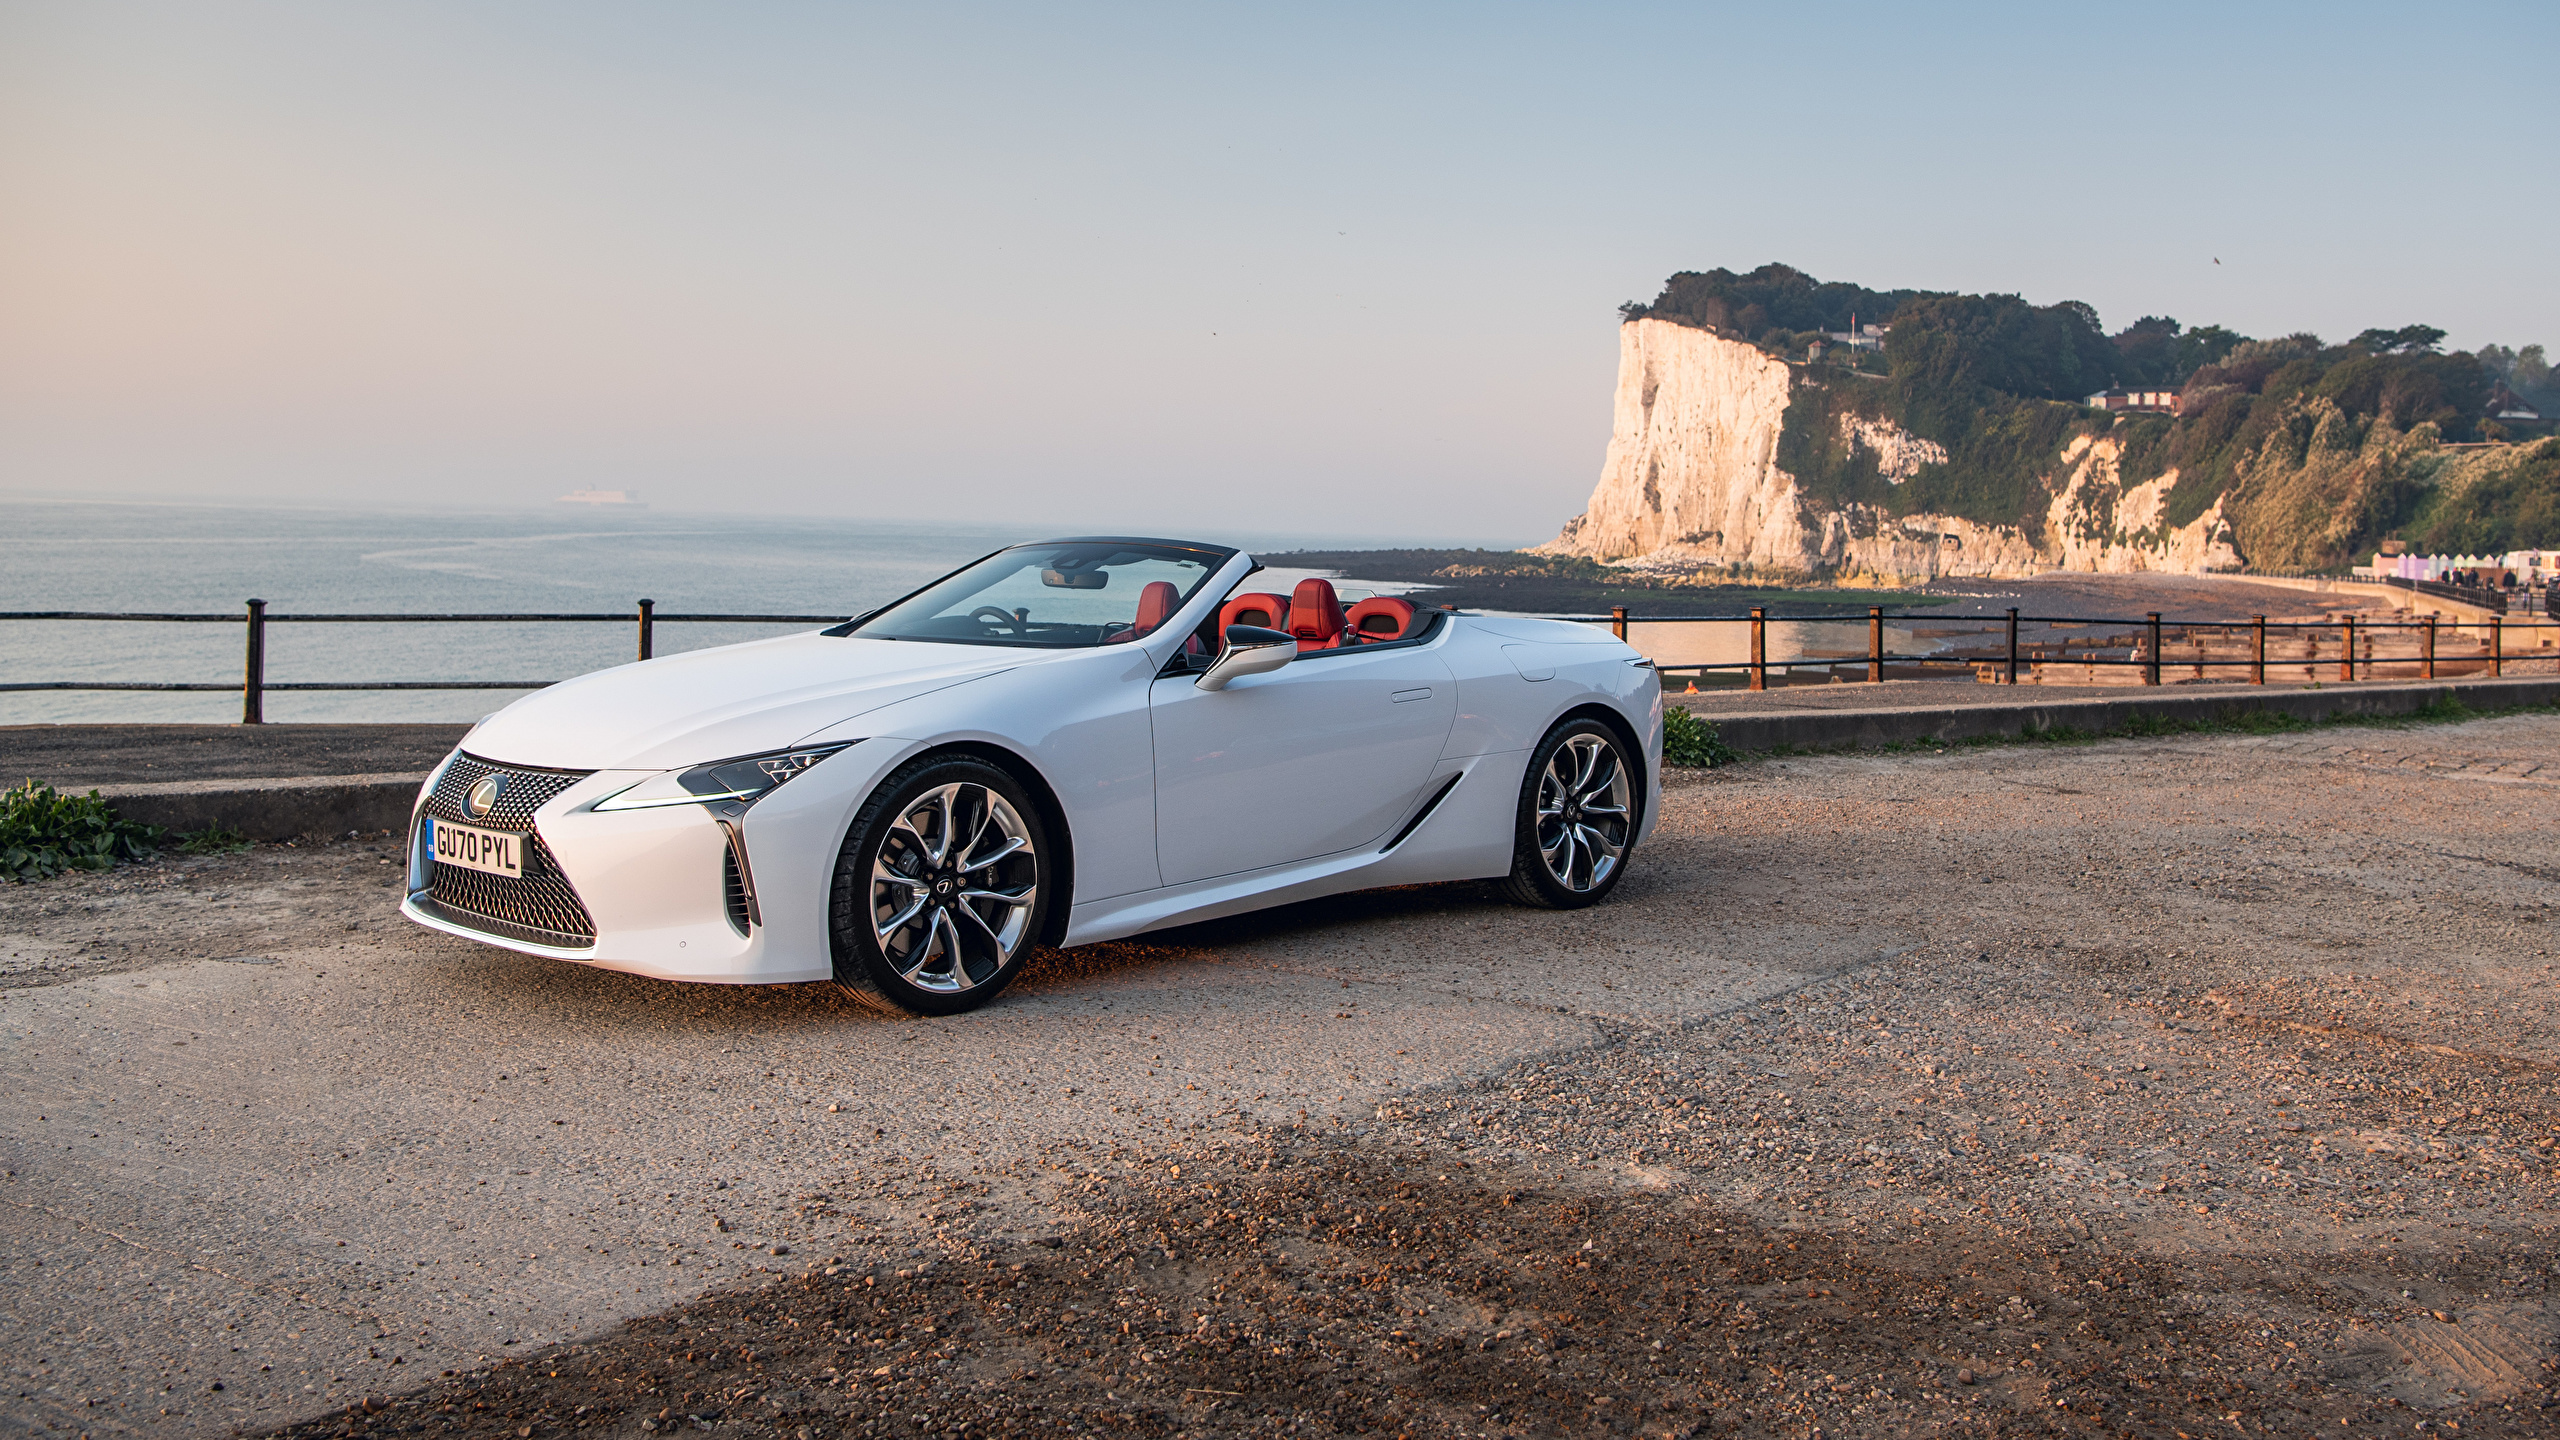 Фото Lexus LC 500 Convertible, UK-spec, 2020 кабриолета Белый Металлик Автомобили 2560x1440 Лексус Кабриолет белая белые белых авто машины машина автомобиль